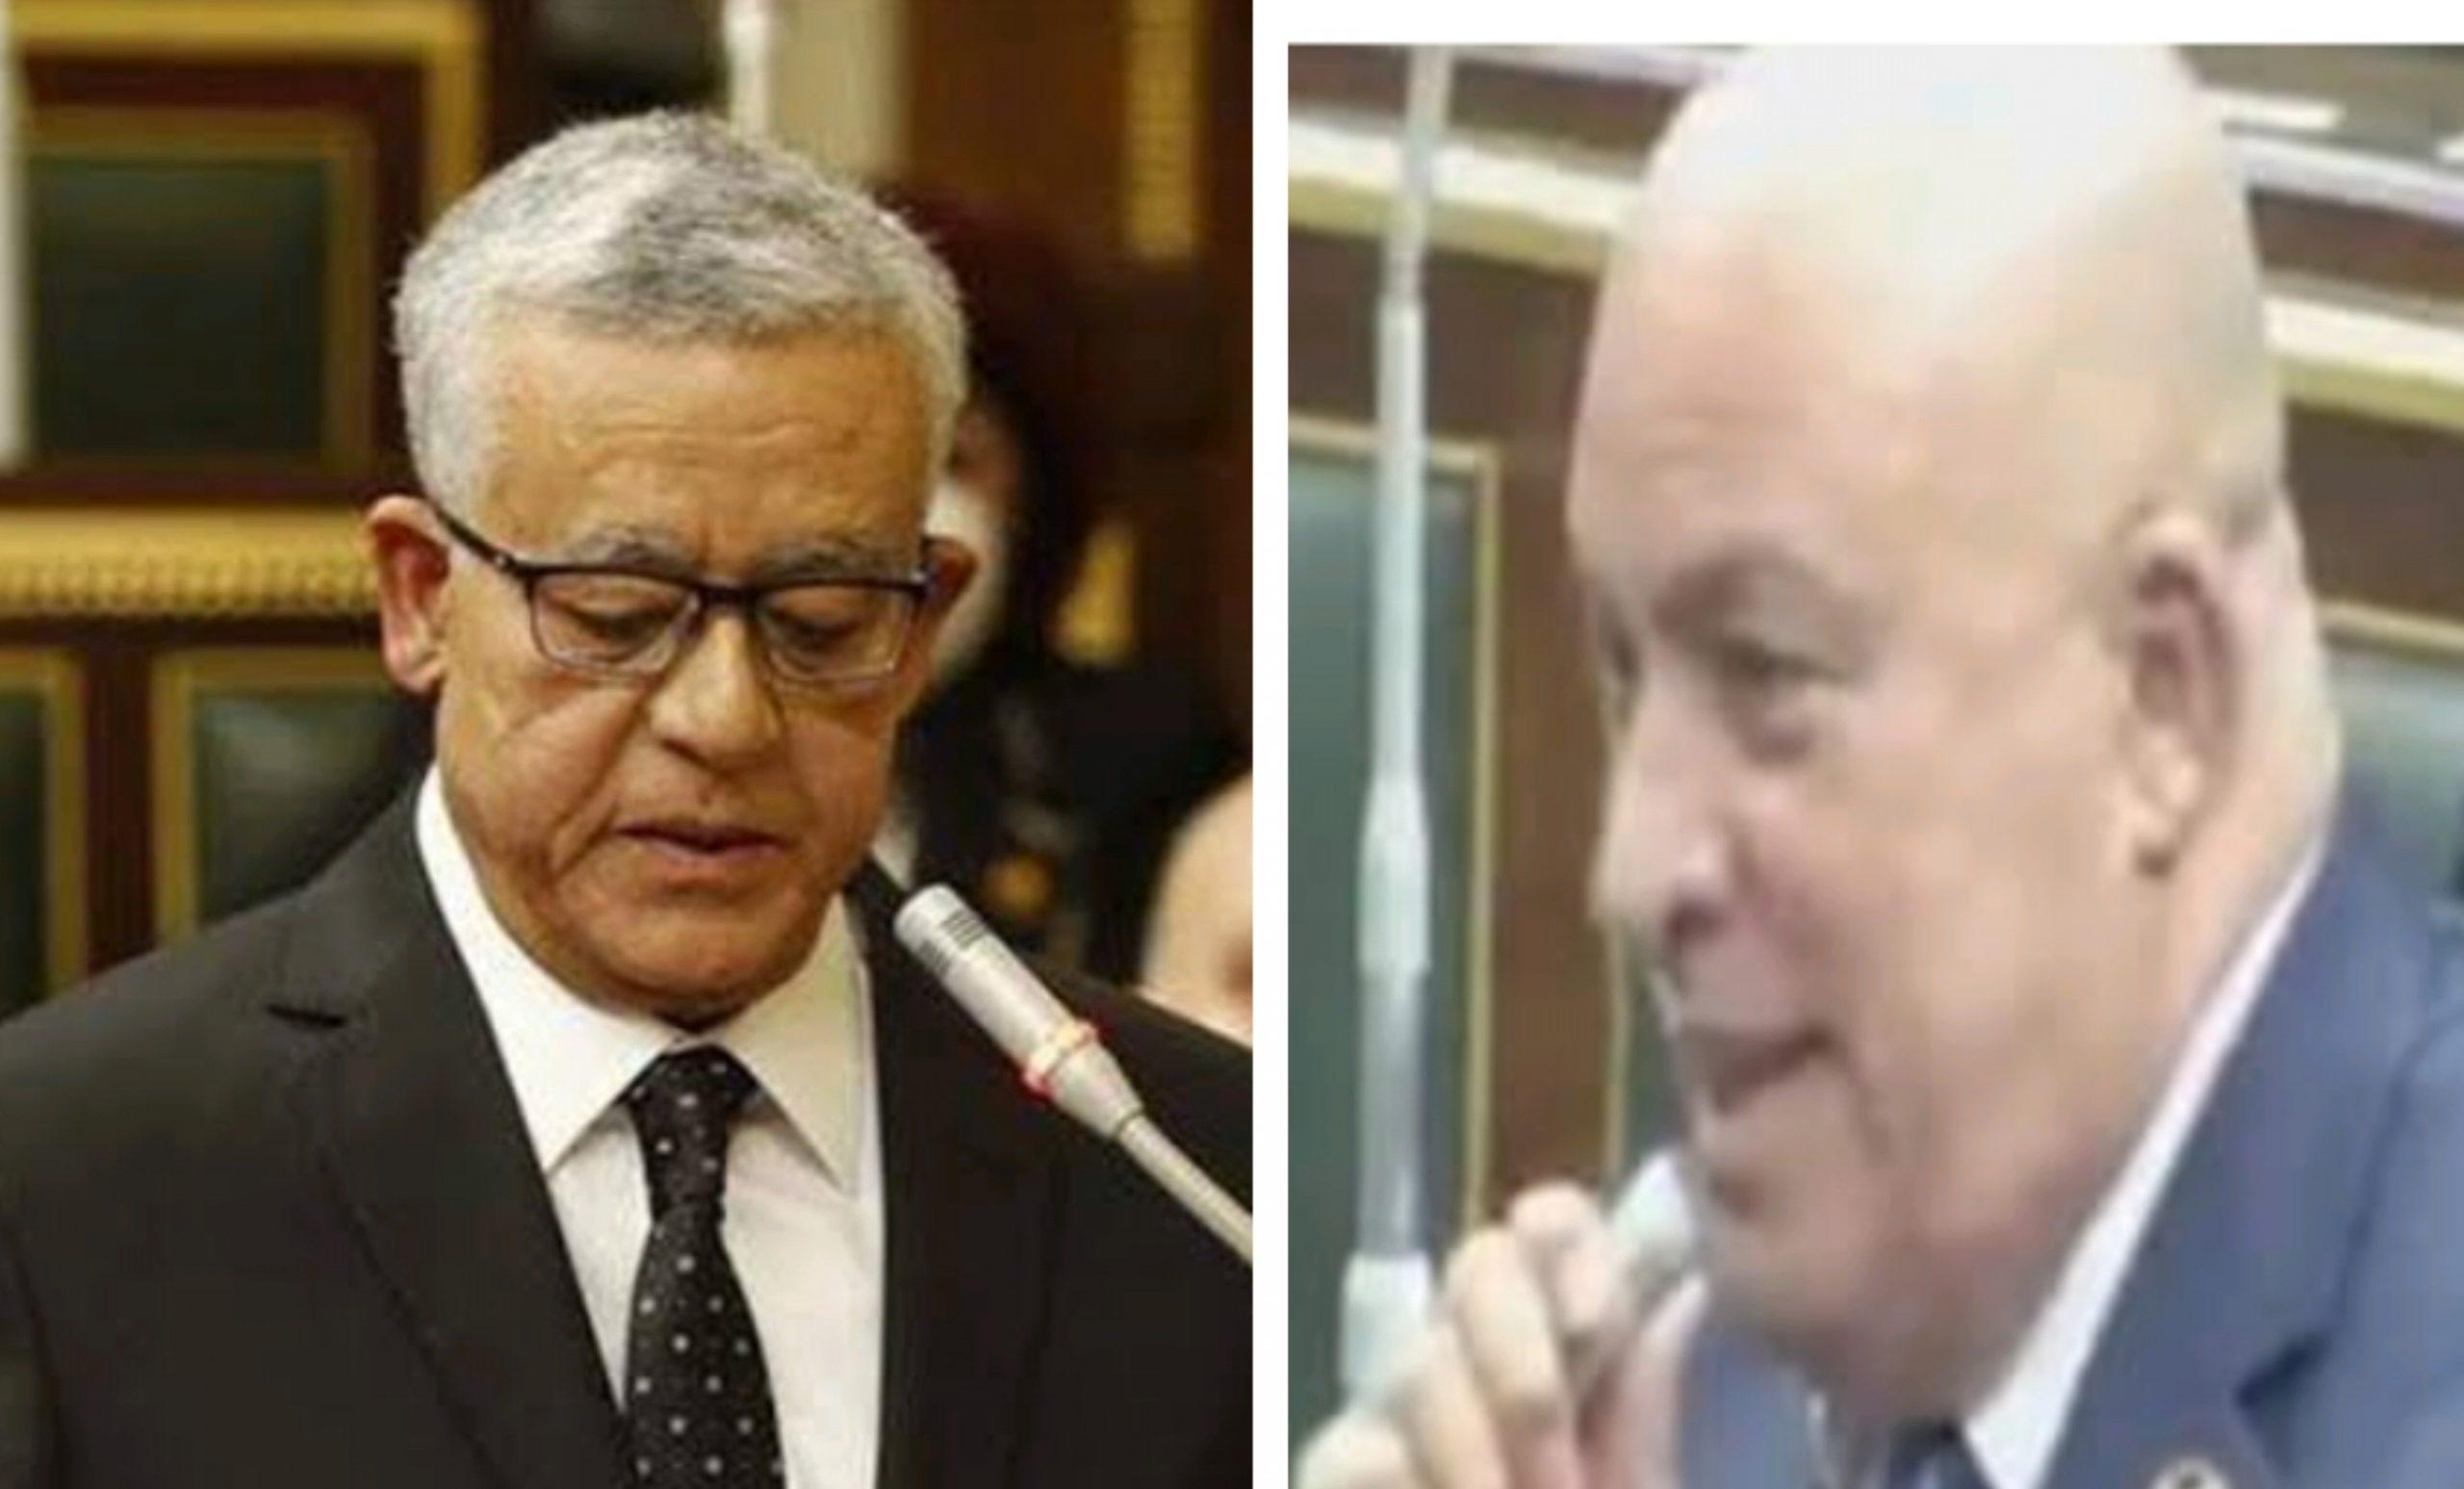 النائب خالد طايع يهنئ رئيس مجلس النواب بعيد الأضحى المبارك